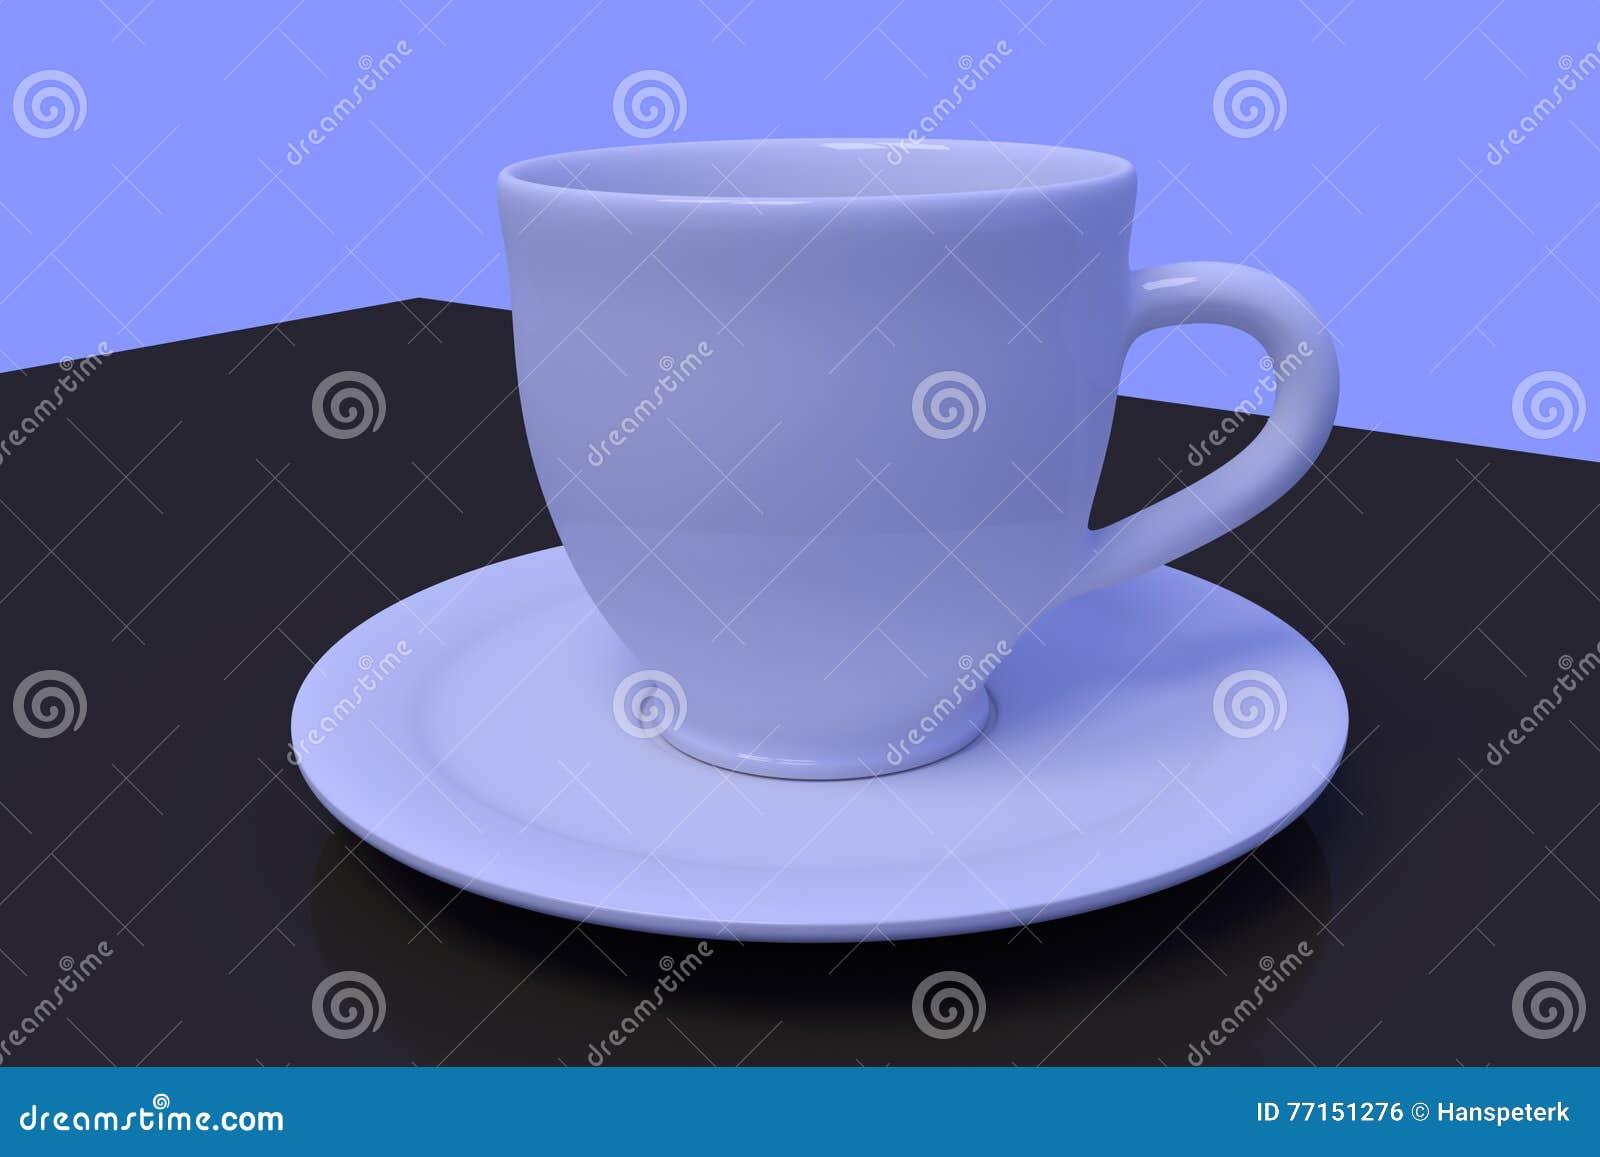 Tasses de café blanc avec la soucoupe sur une surface réfléchie foncée